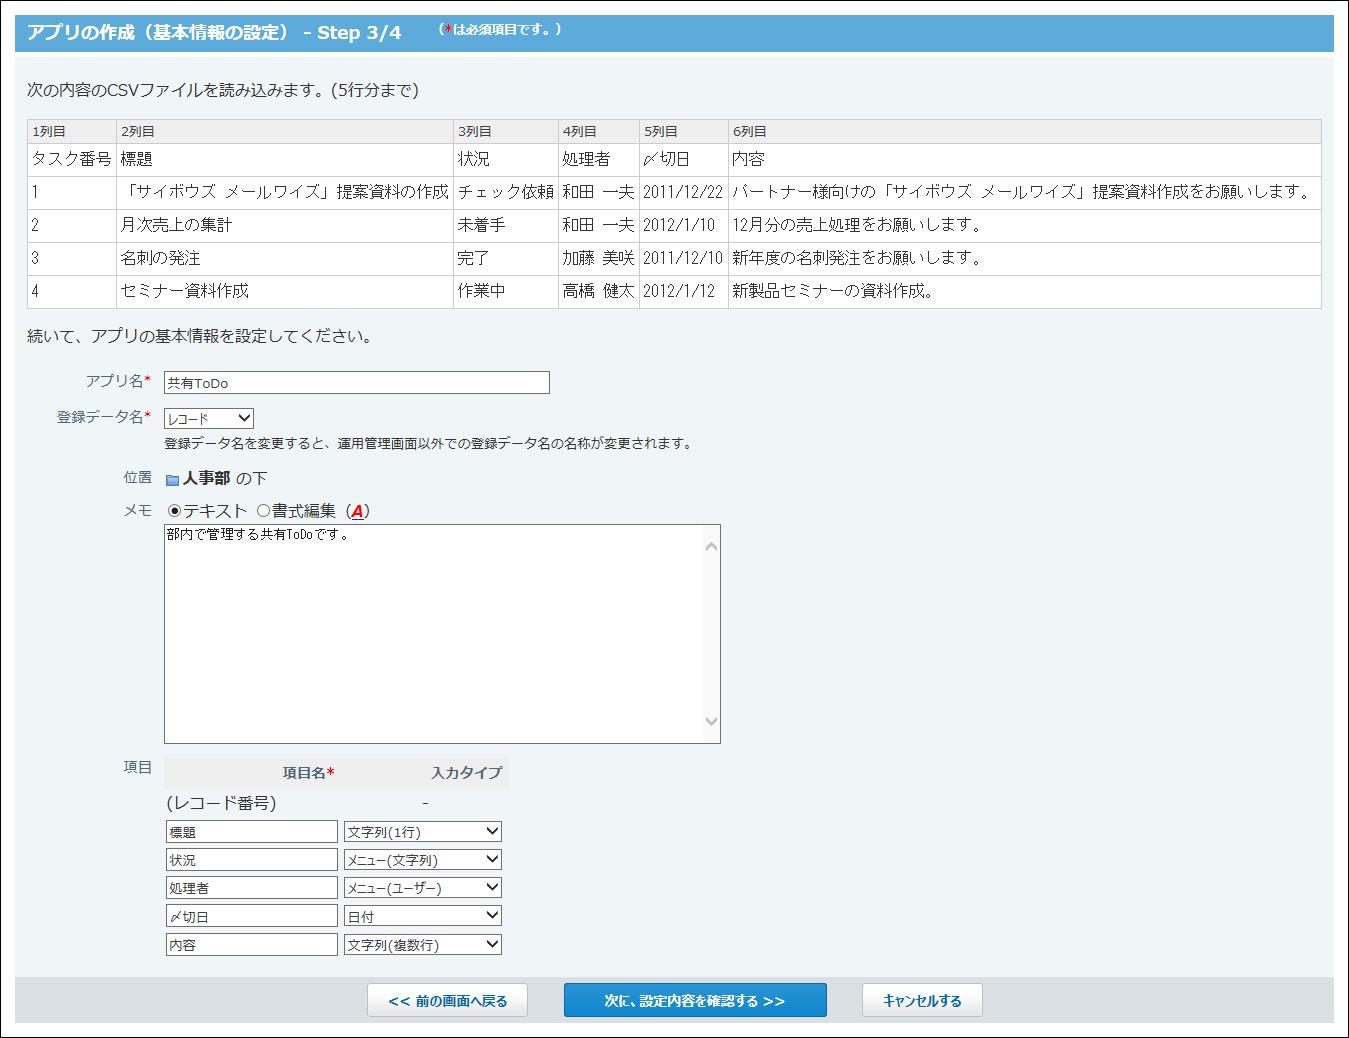 基本情報の設定画面の画像